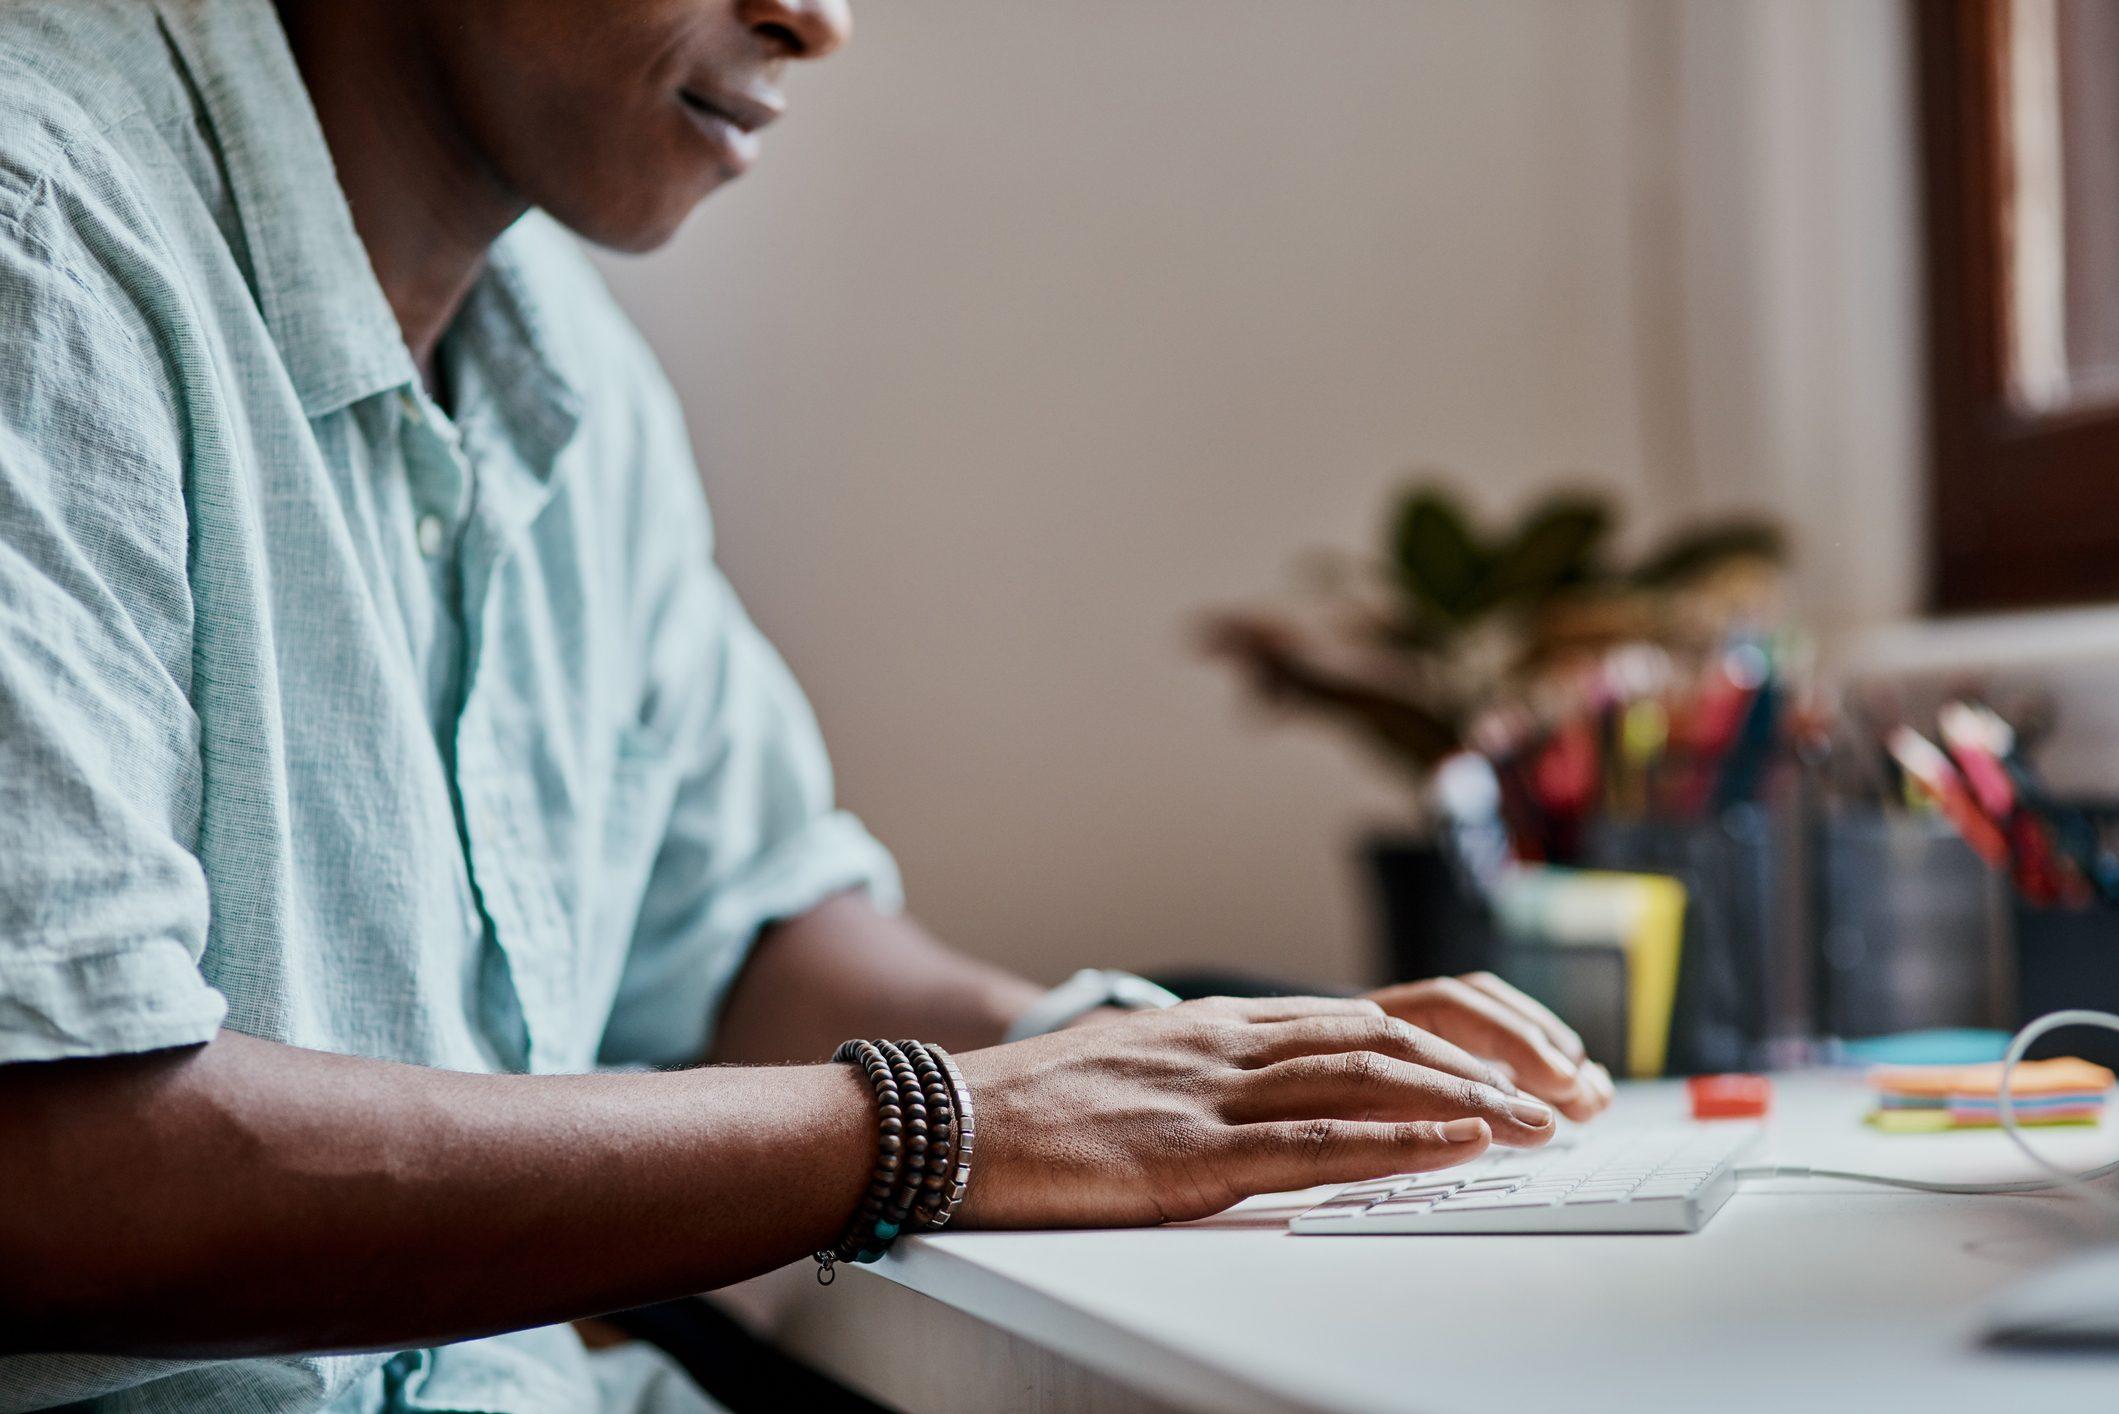 man working at keyboard